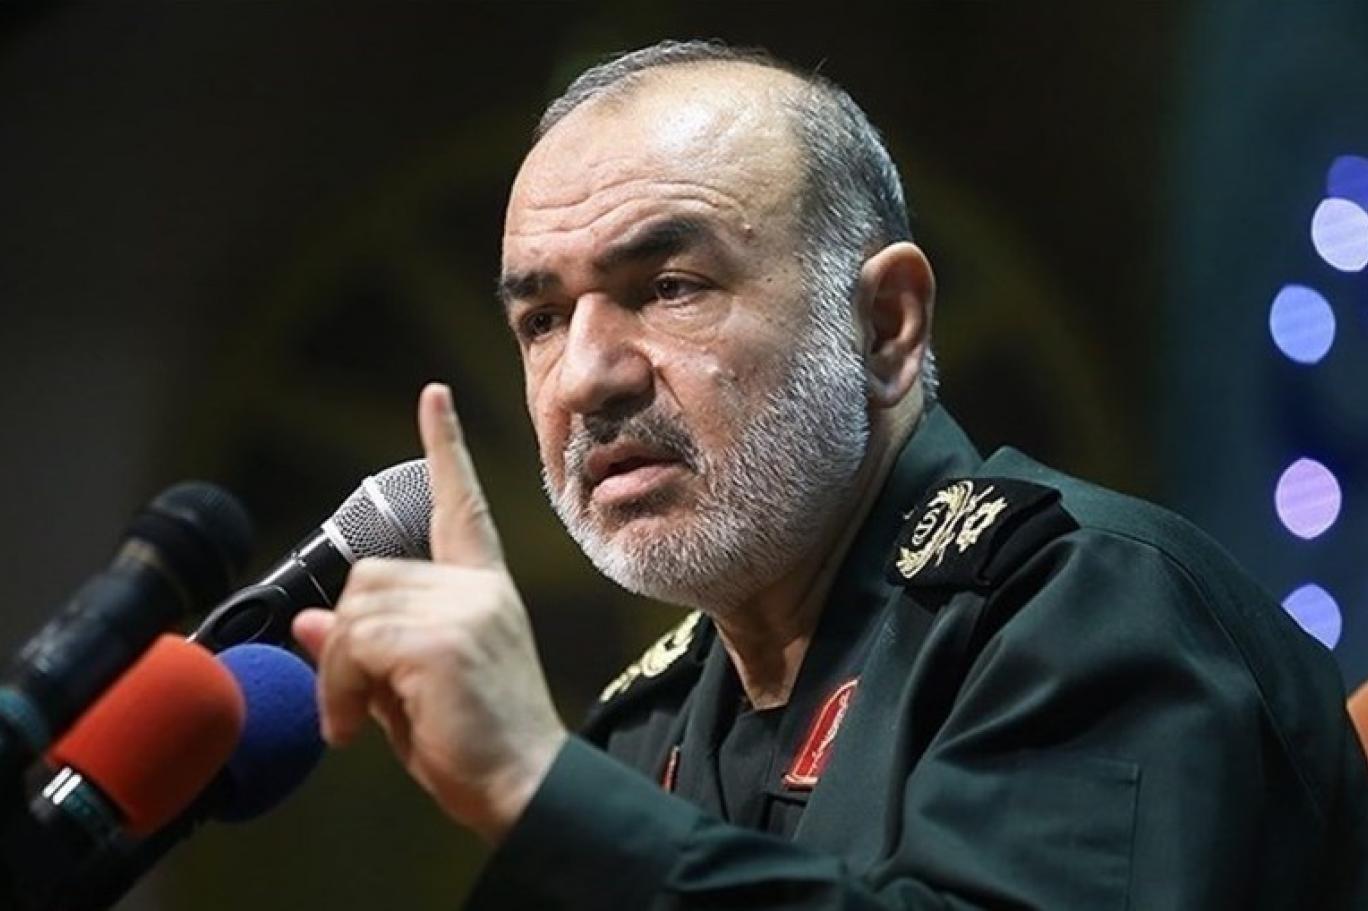 سلامي: سنرد يحزم على أي عدوان ضدّ إيران والجزر الثلاث هي الجبهة الدفاعية للبلاد